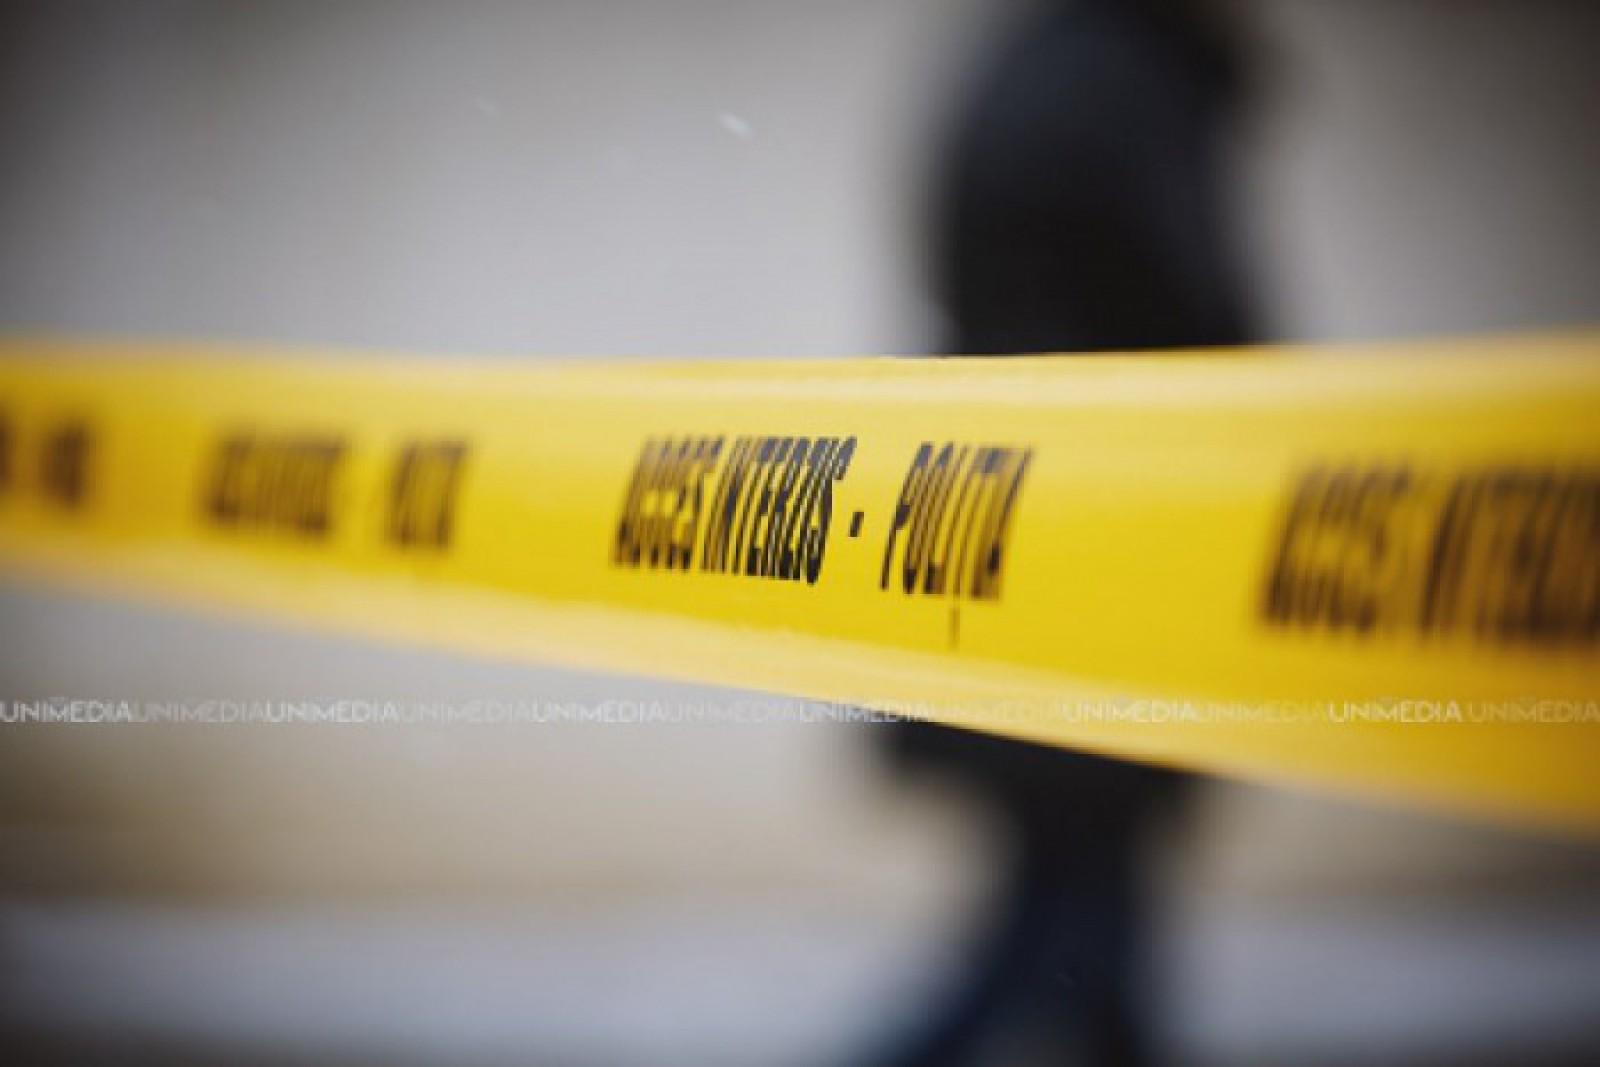 Groaznic: Un bărbat din capitală și-a înjunghiat iubita, după care s-a aruncat în gol: Un bebeluș, găsit în casă